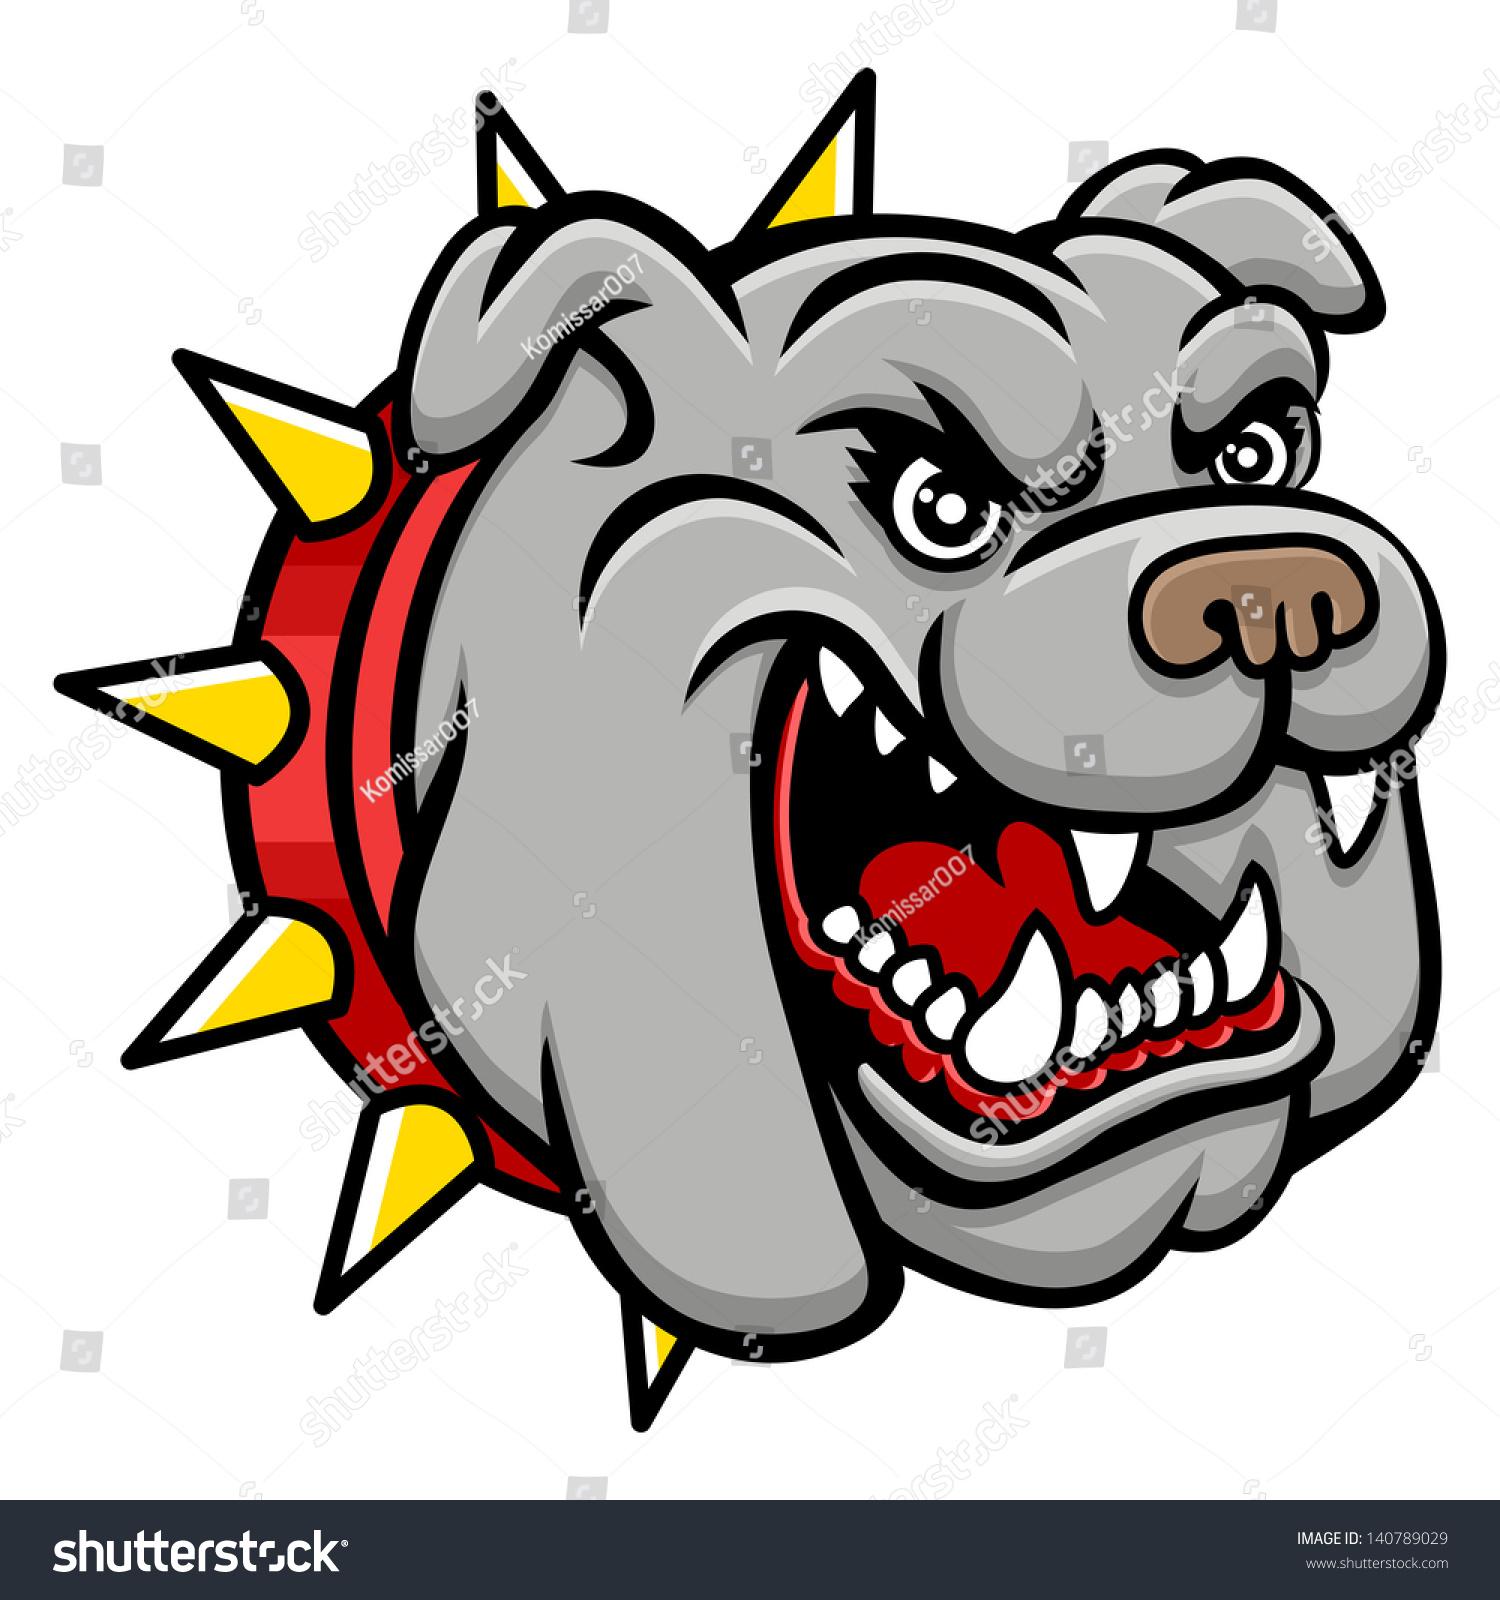 30++ Kepala anjing bulldog logo anjing terbaru